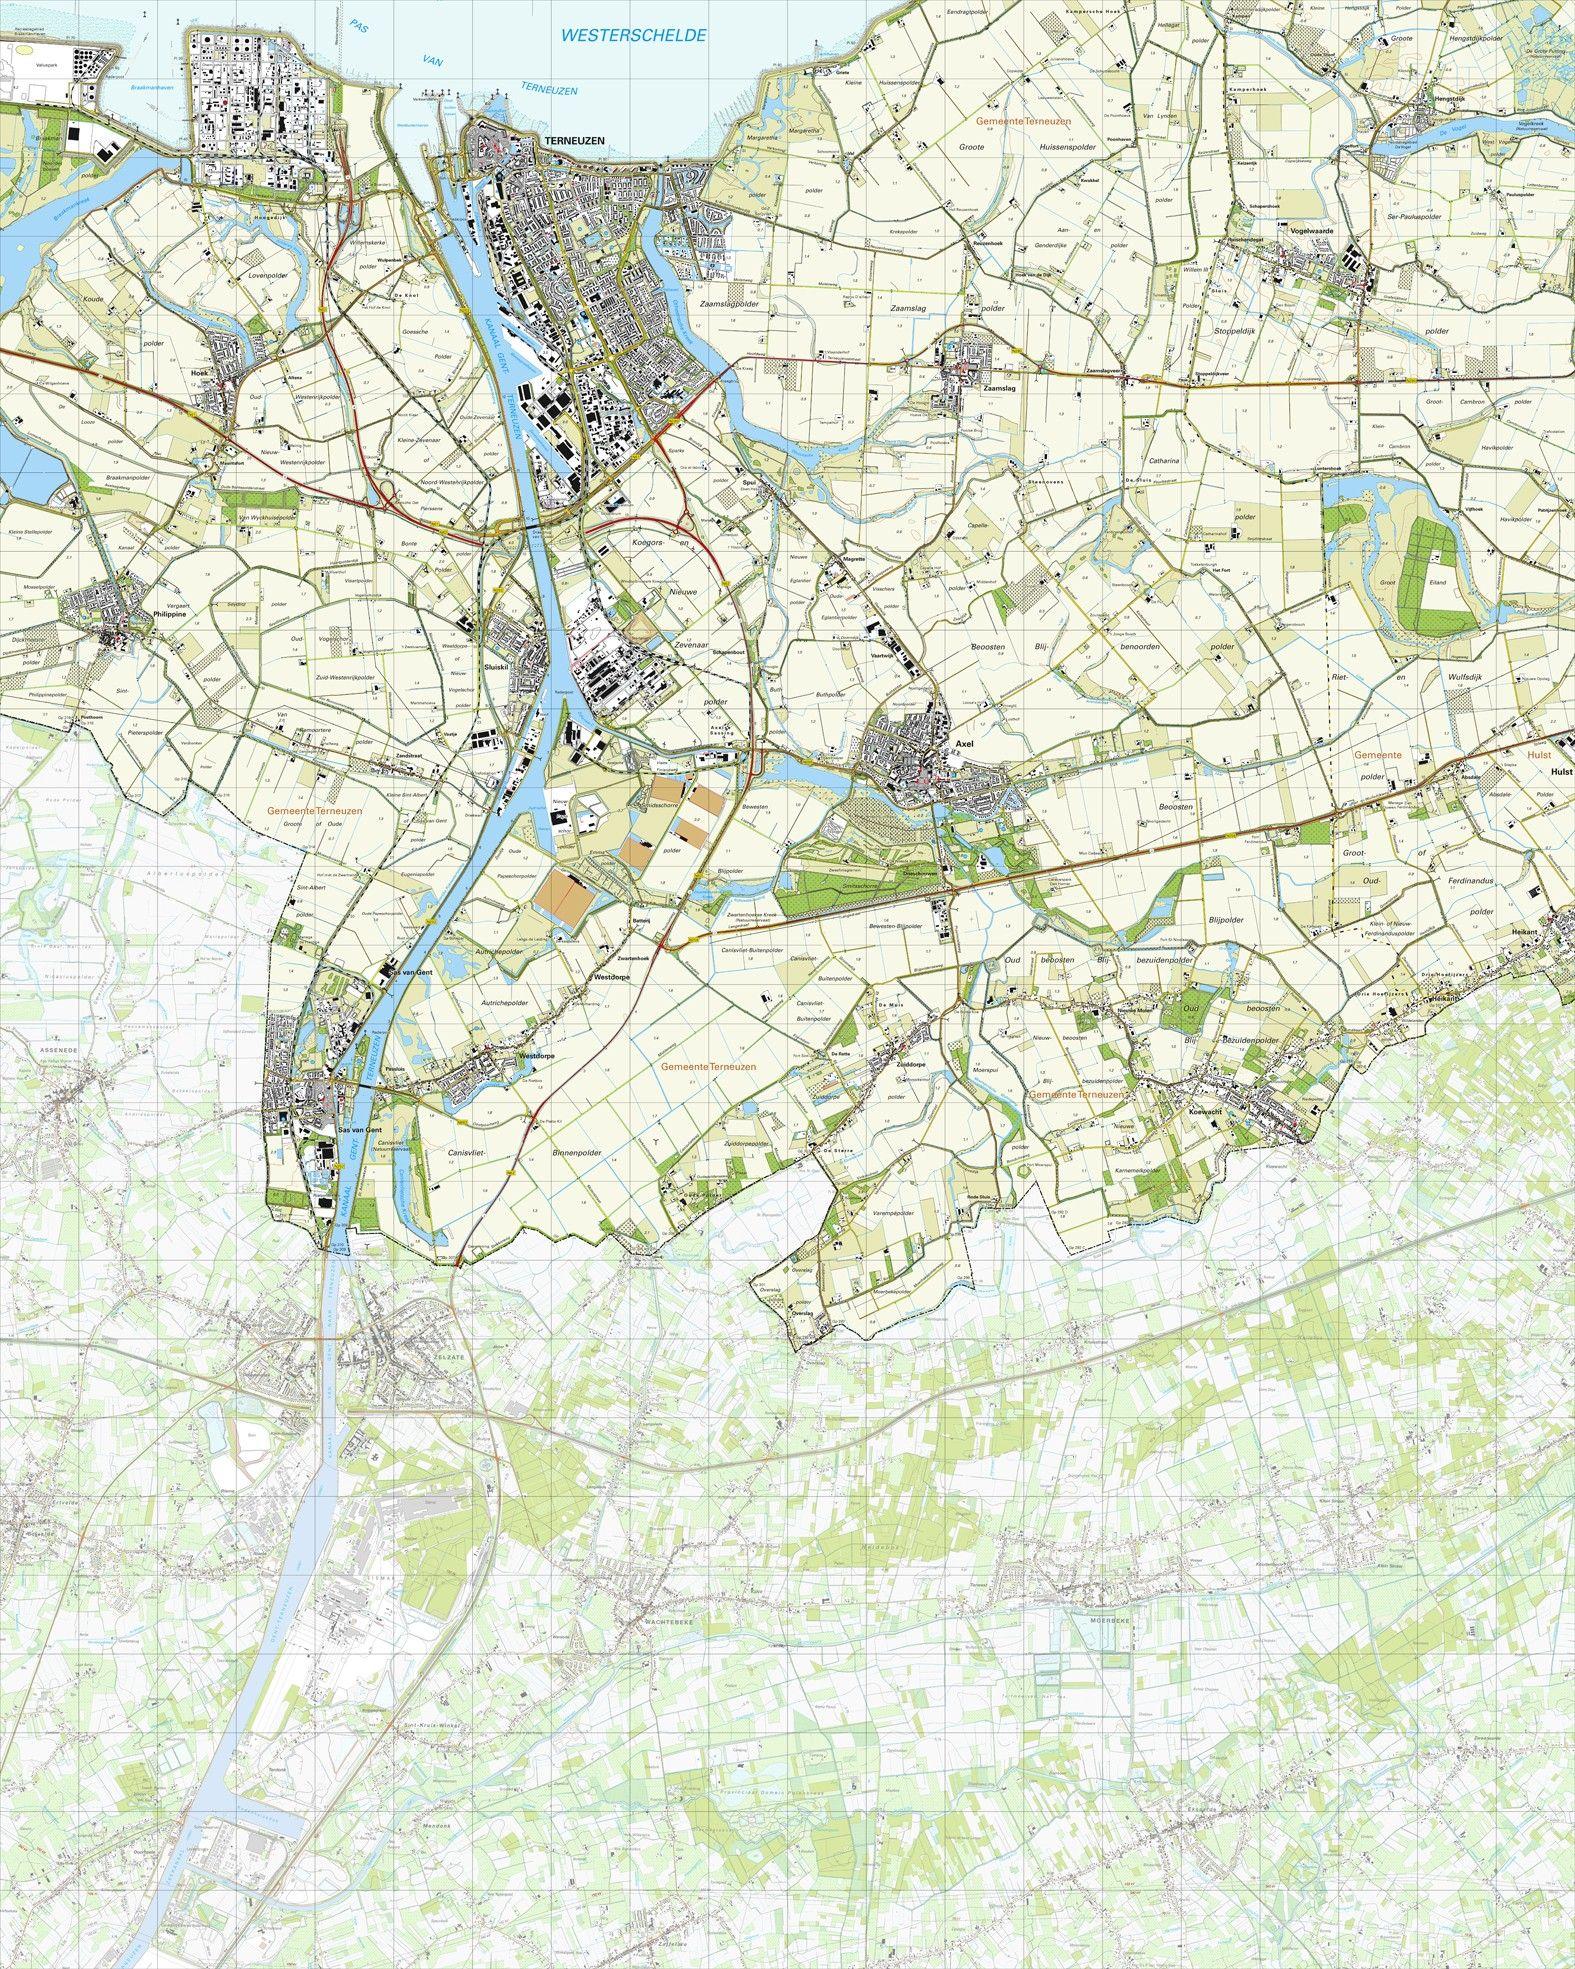 Topografische kaart schaal 1:25.000 (Terneuzen, Axel, Sas van Gent, Westdorpe, Koewacht, Heikant)